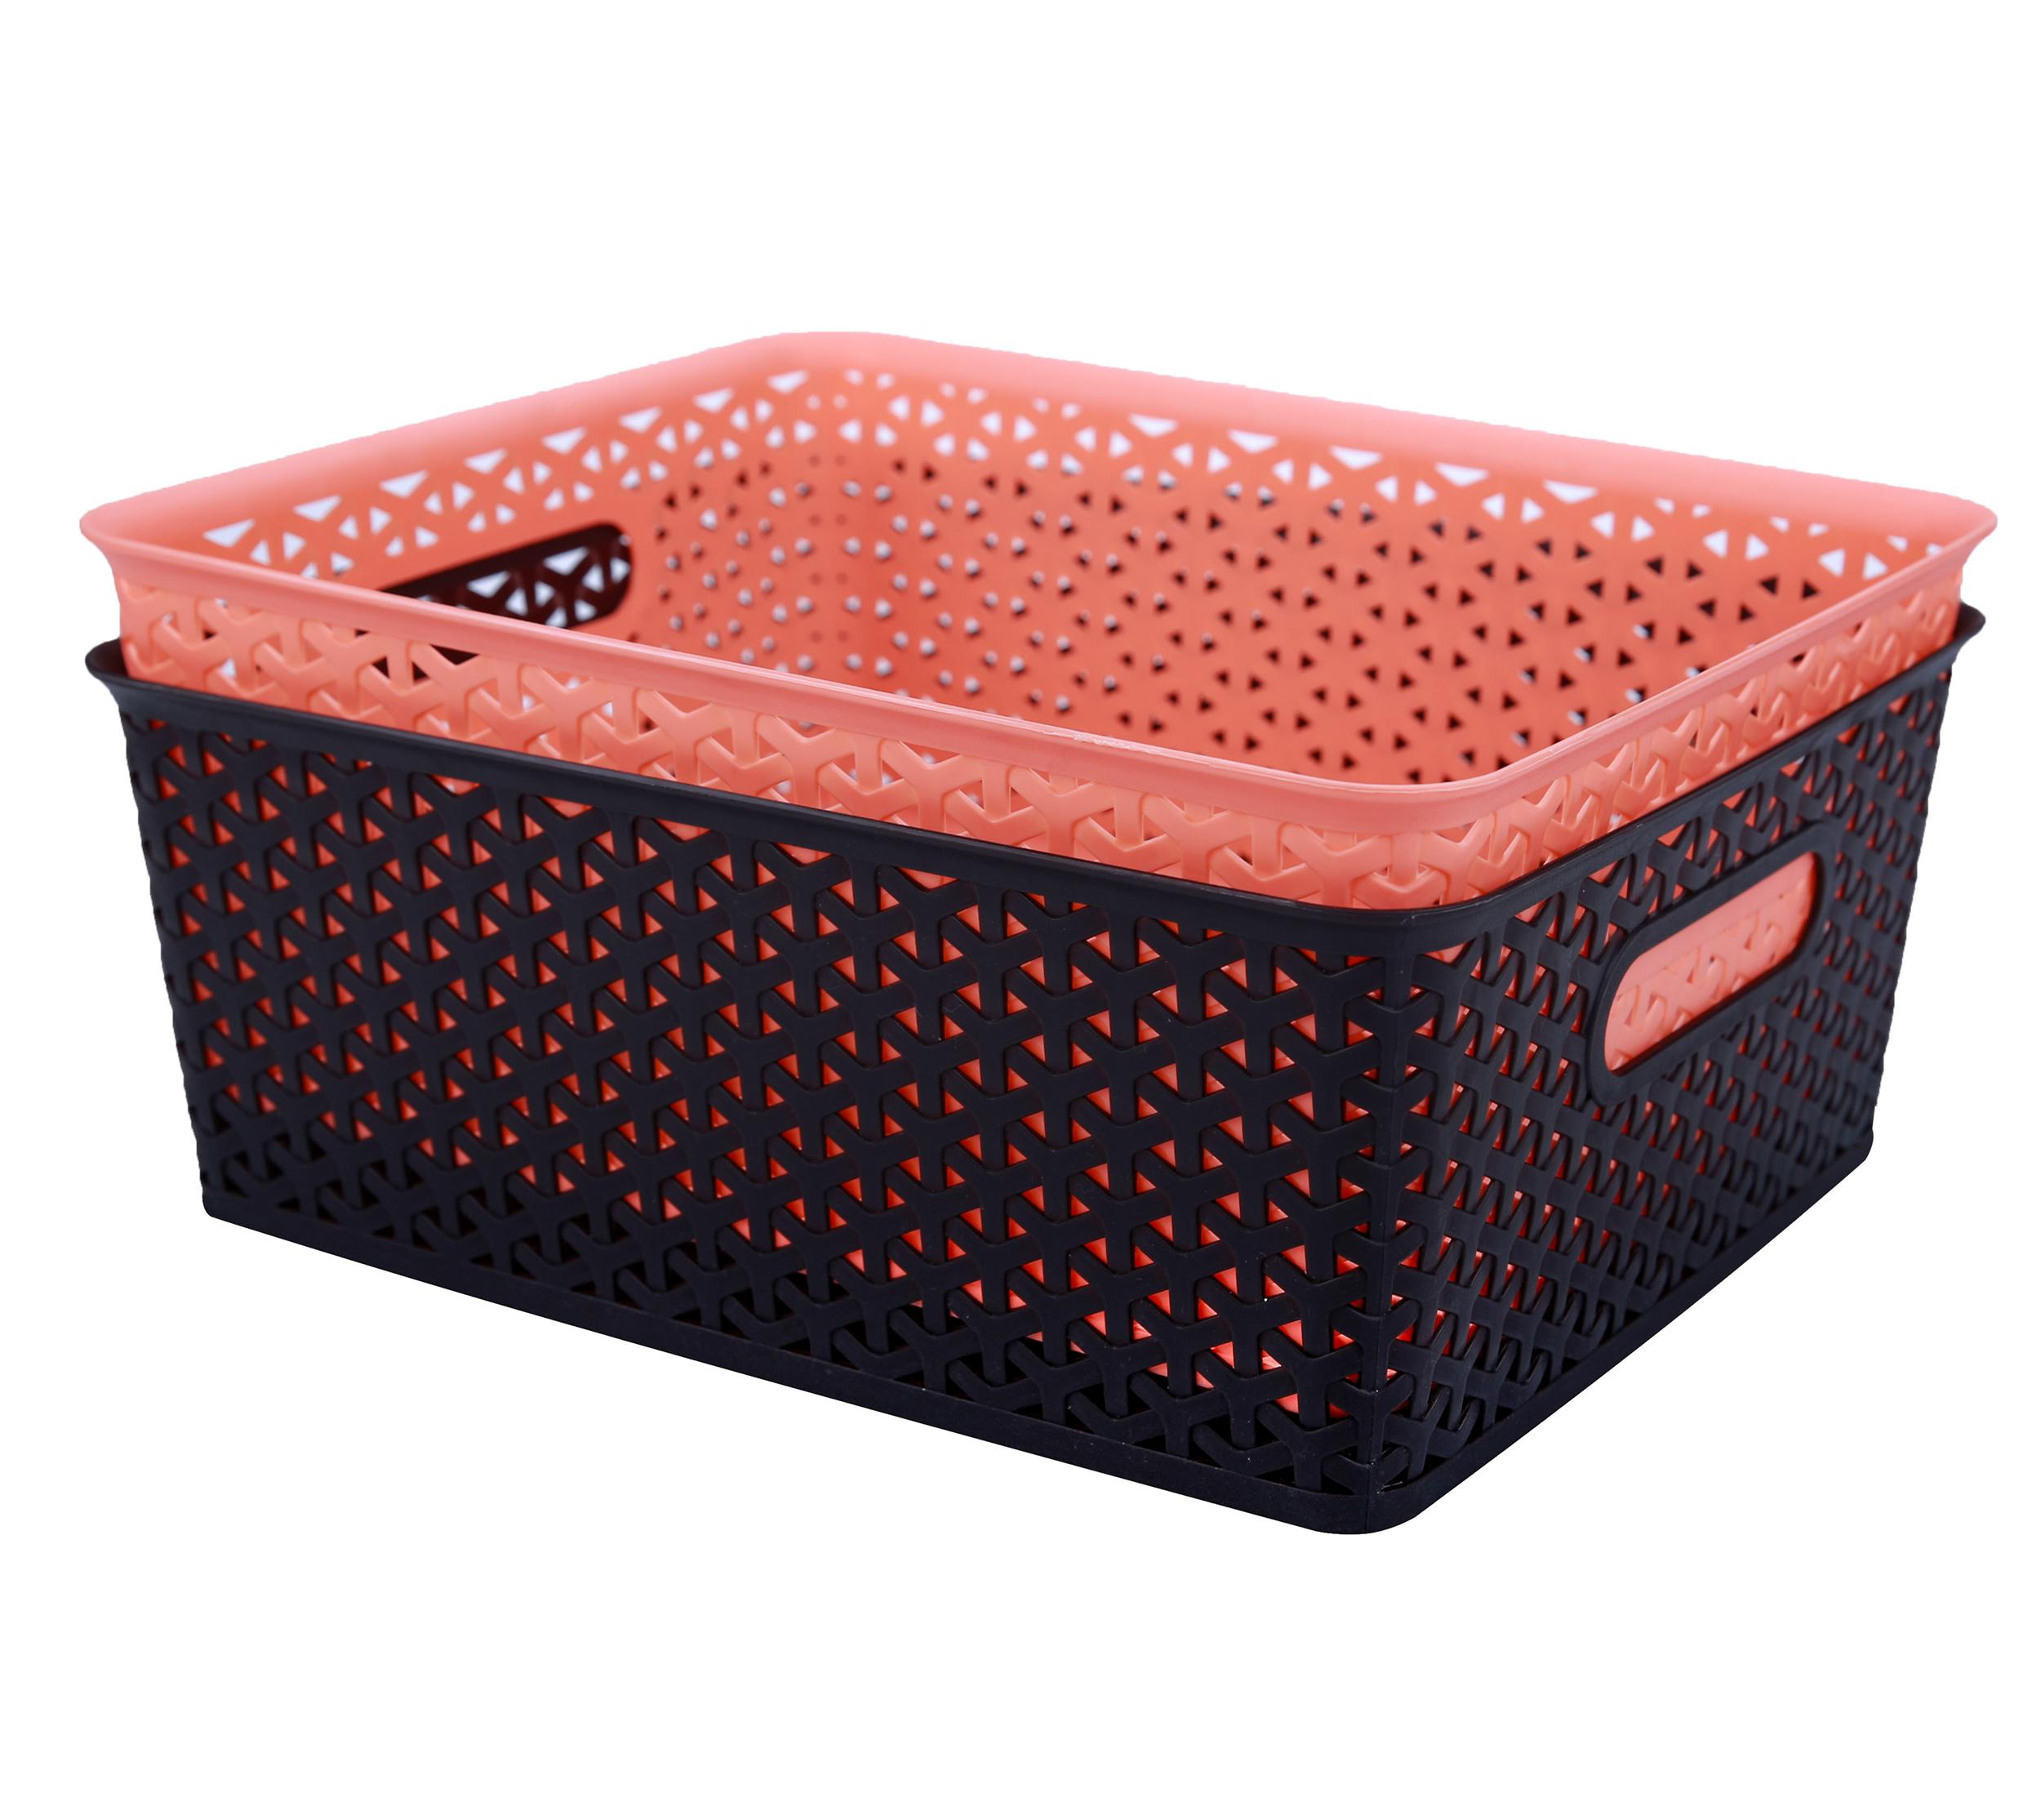 Grossiste box de rangement plastique pas cher-Acheter les meilleurs box de rangement plastique ...